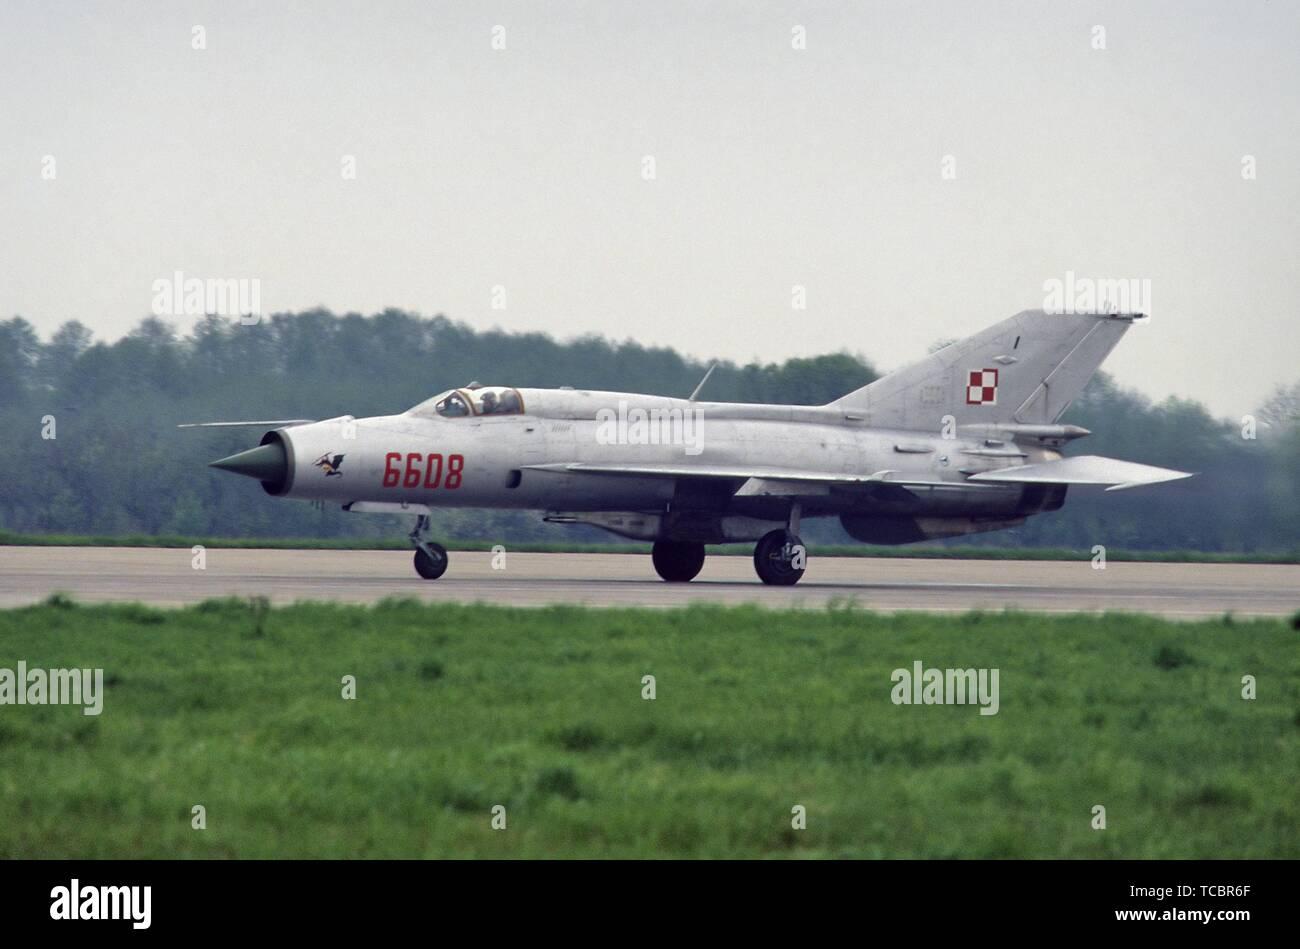 Polnischen Luftfahrt, 1 Jagdflugzeug Regiment 'Warschau', sowjetischer Bauart Mig 21 Flugzeuge Stockfoto